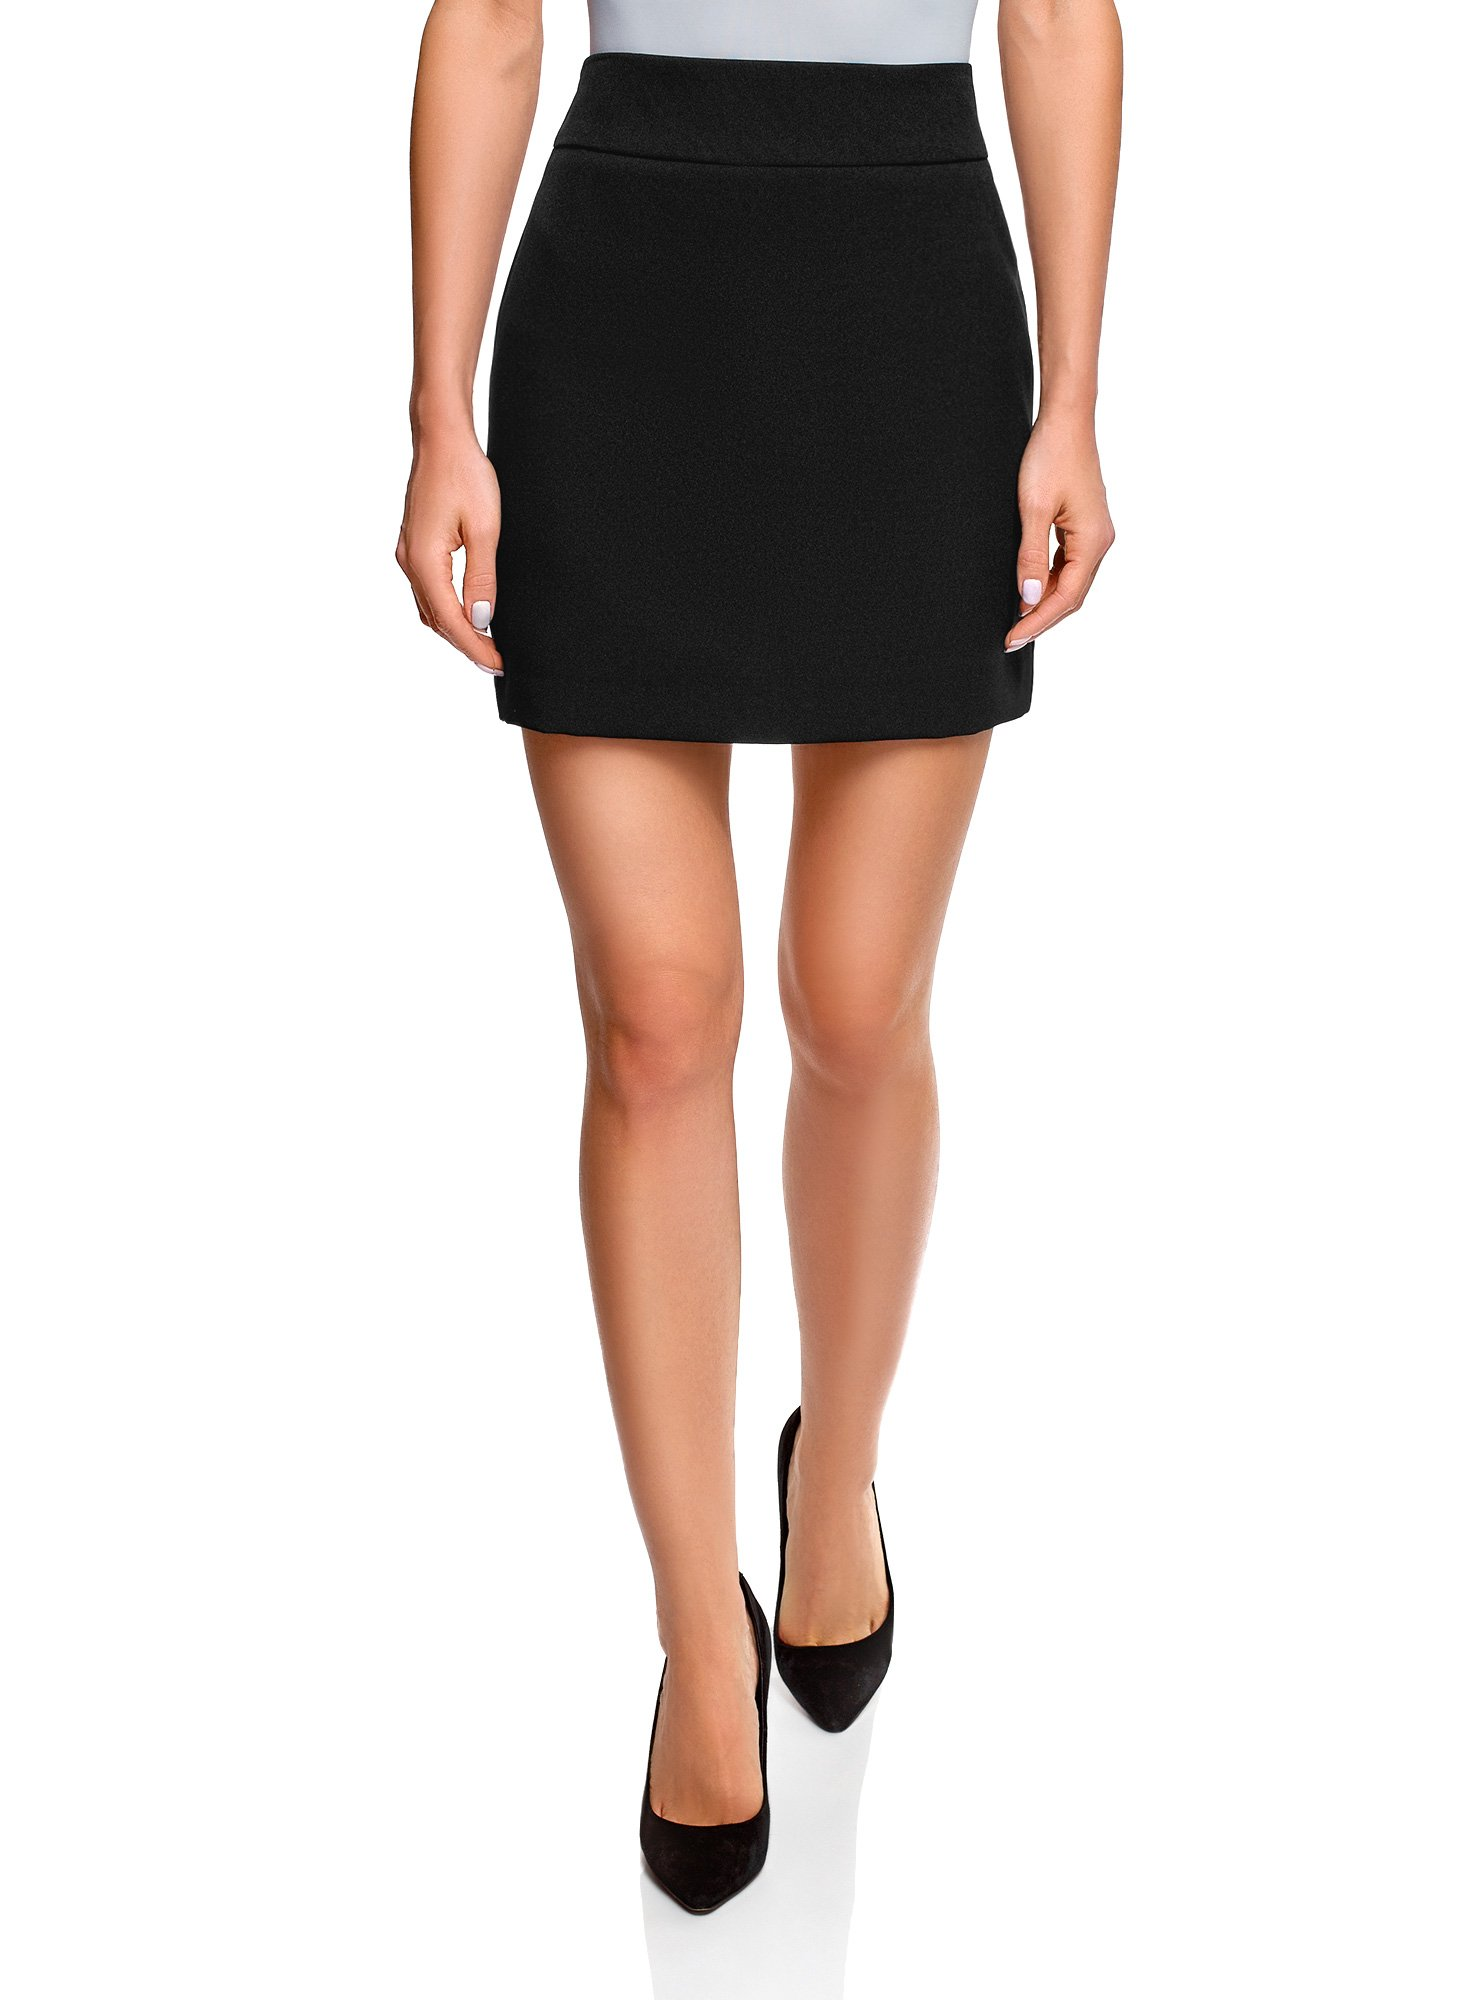 oodji Ultra Women's Basic Short Skirt, Black, 6 by oodji (Image #1)